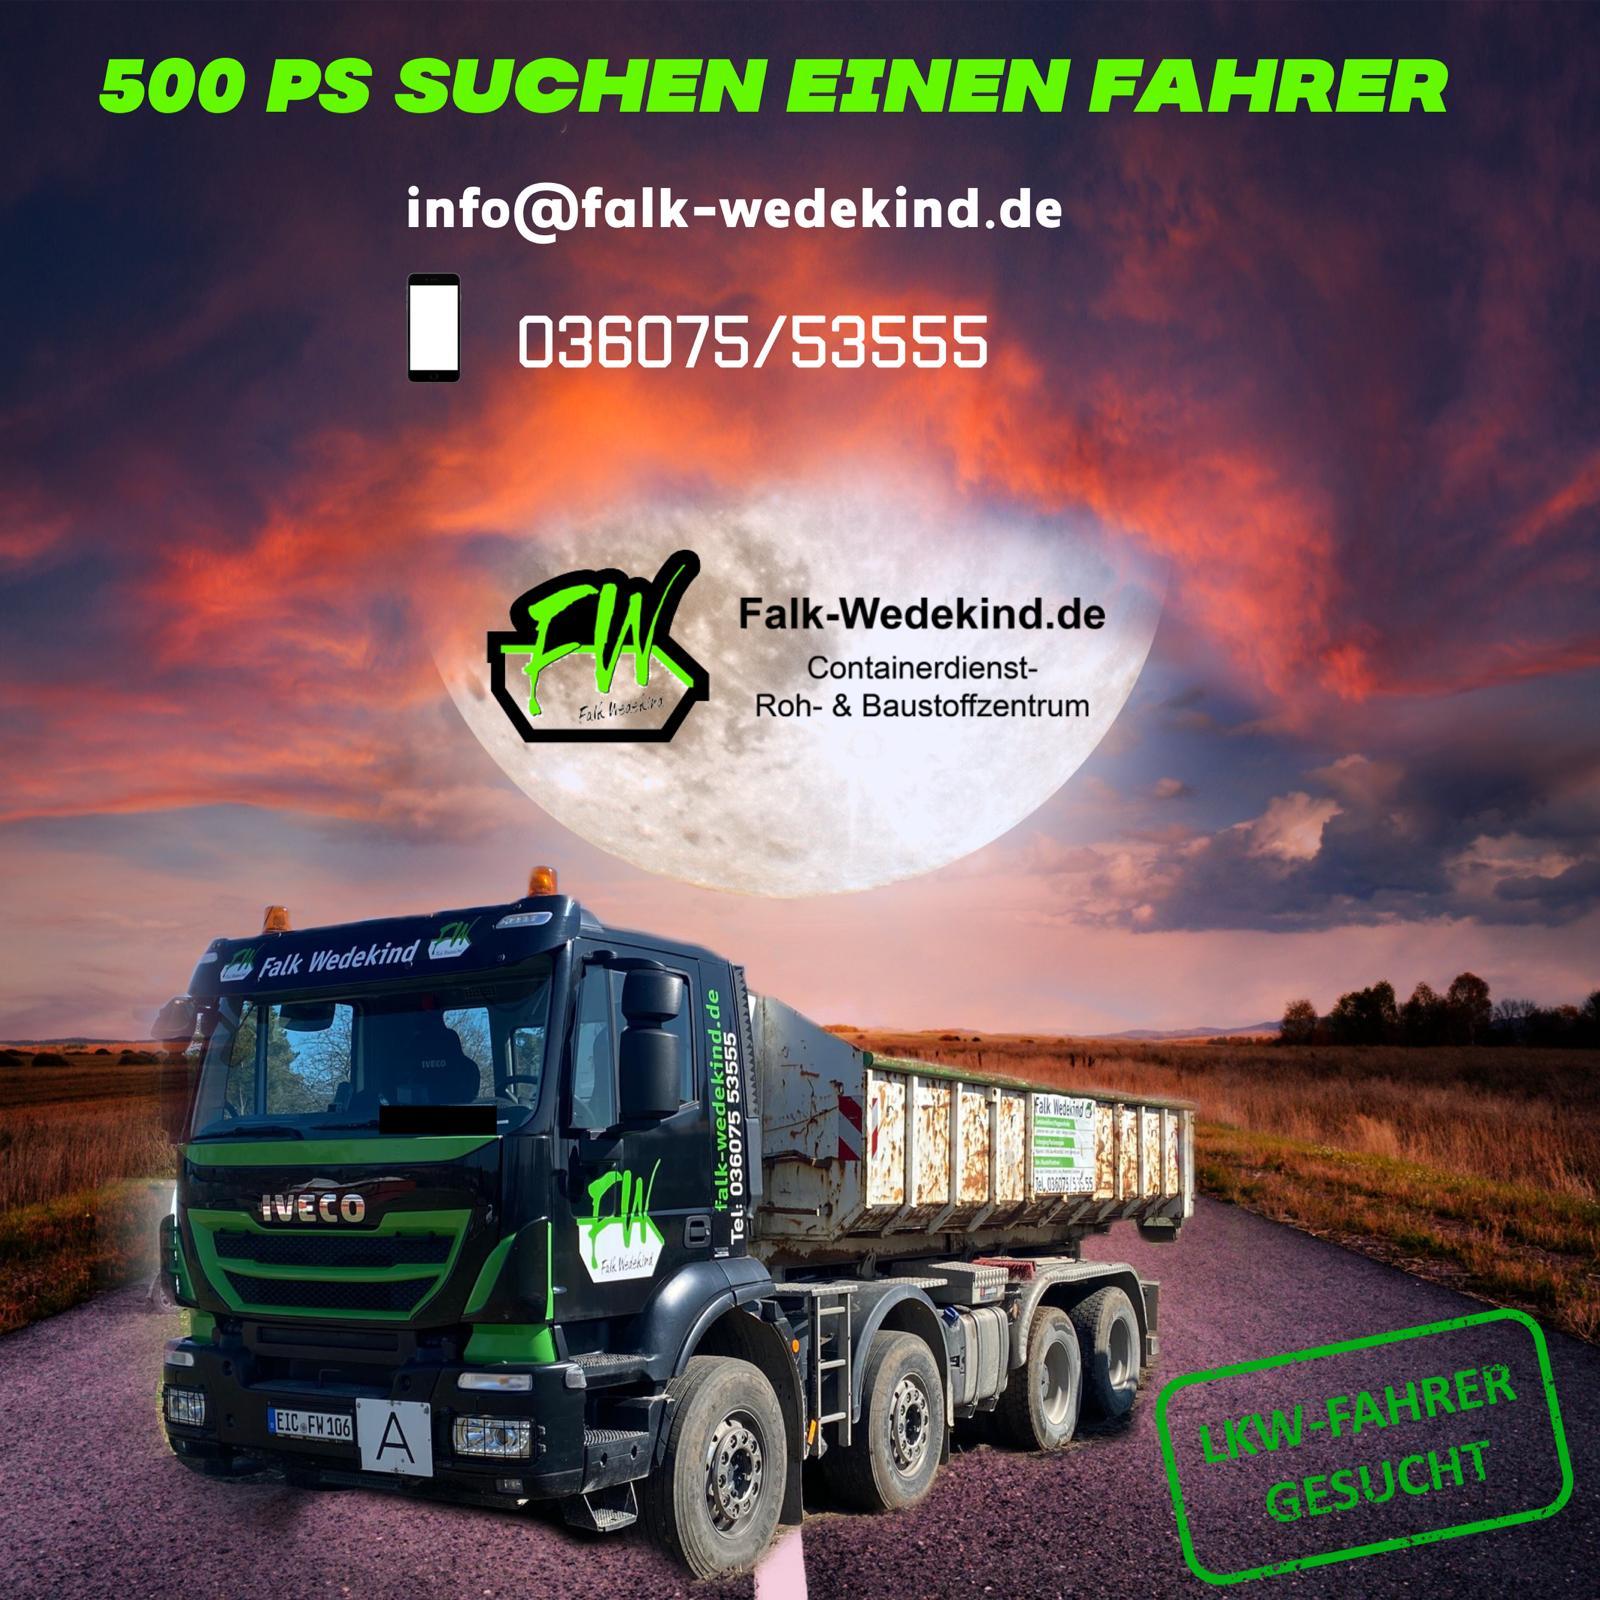 Falk Wedekind Containerdienst, Roh- & Baustoffzentrum